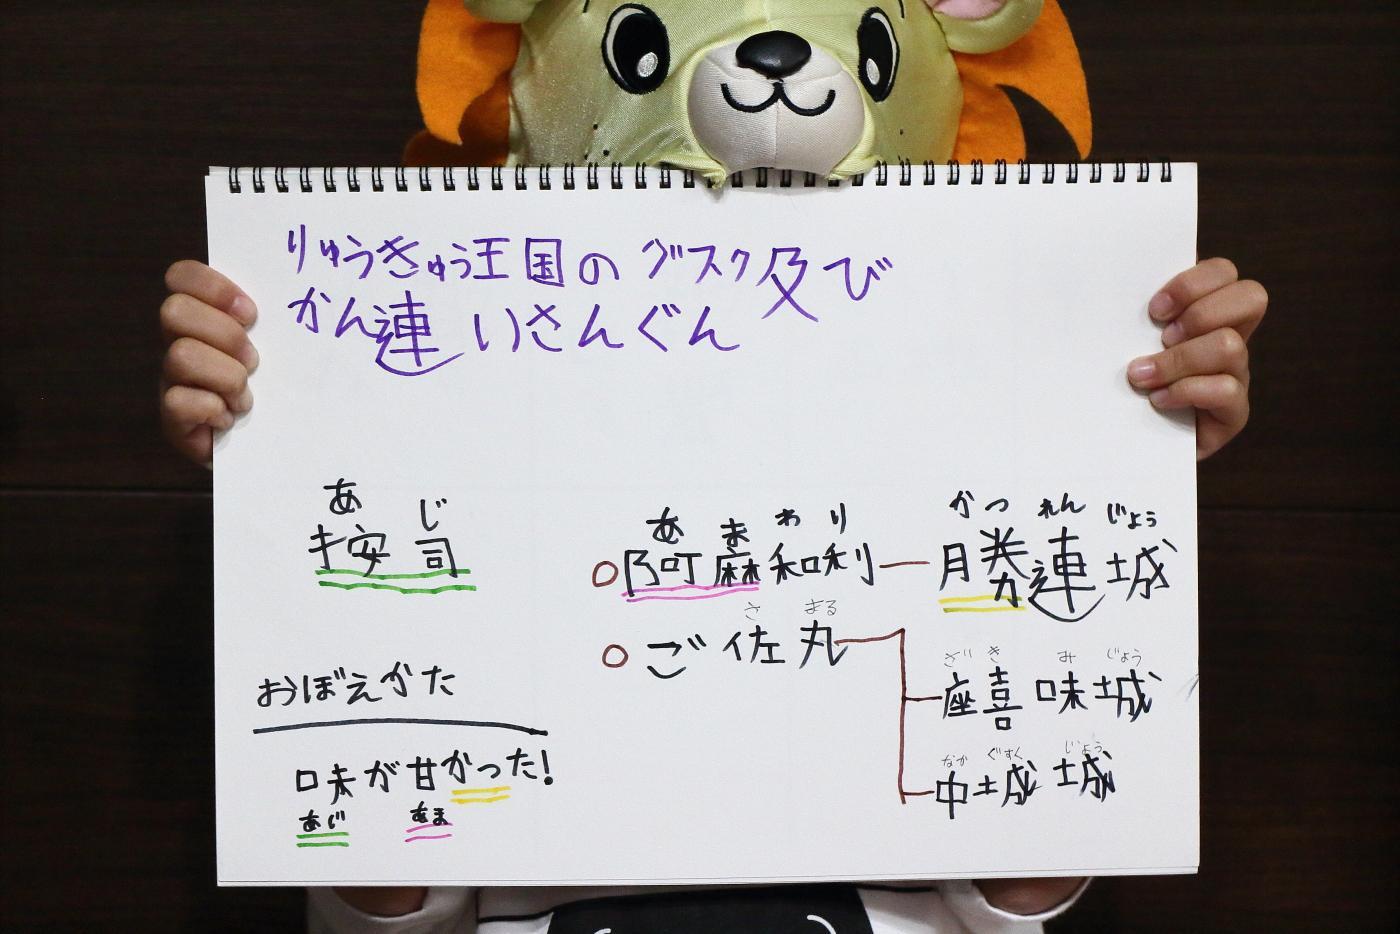 6歳で世界遺産検定3級挑戦![5] 勉強方法(2) 日本の世界遺産